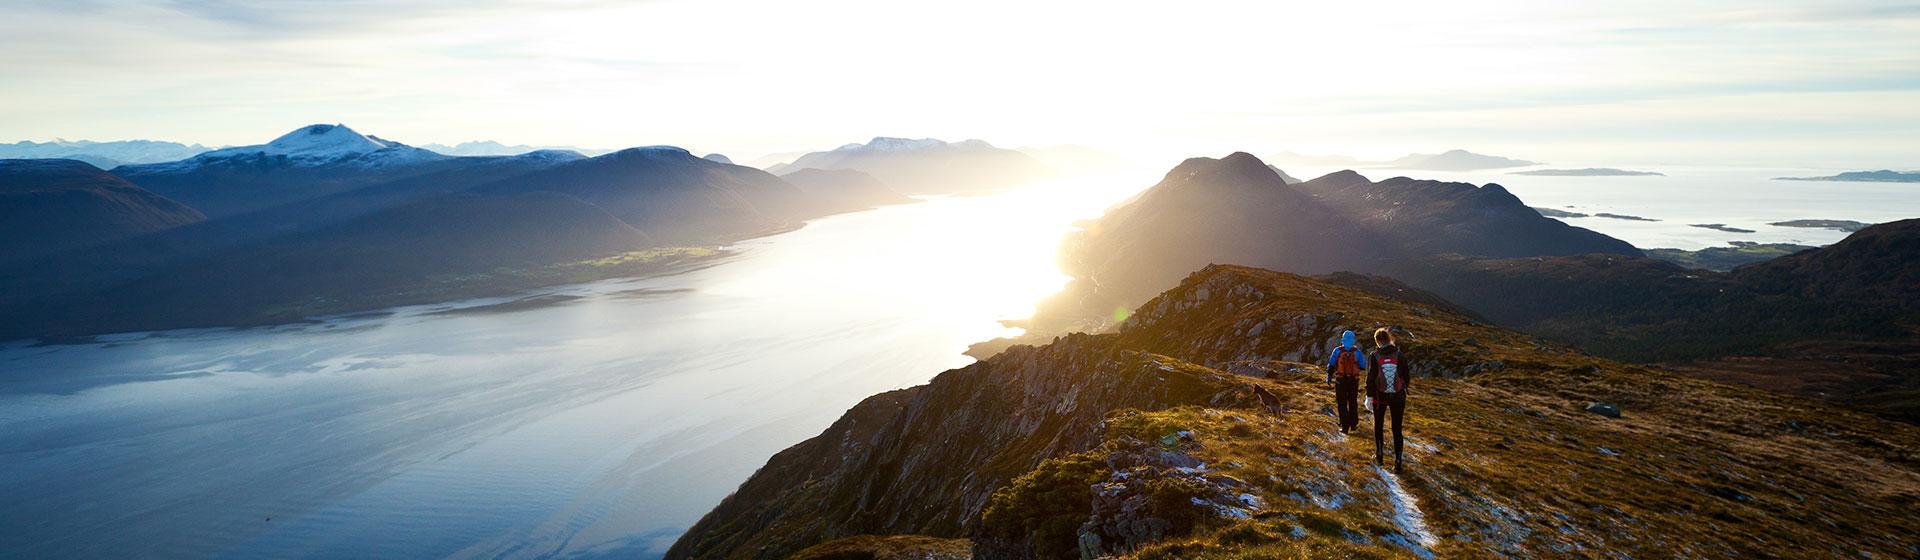 mountain-hiking-people